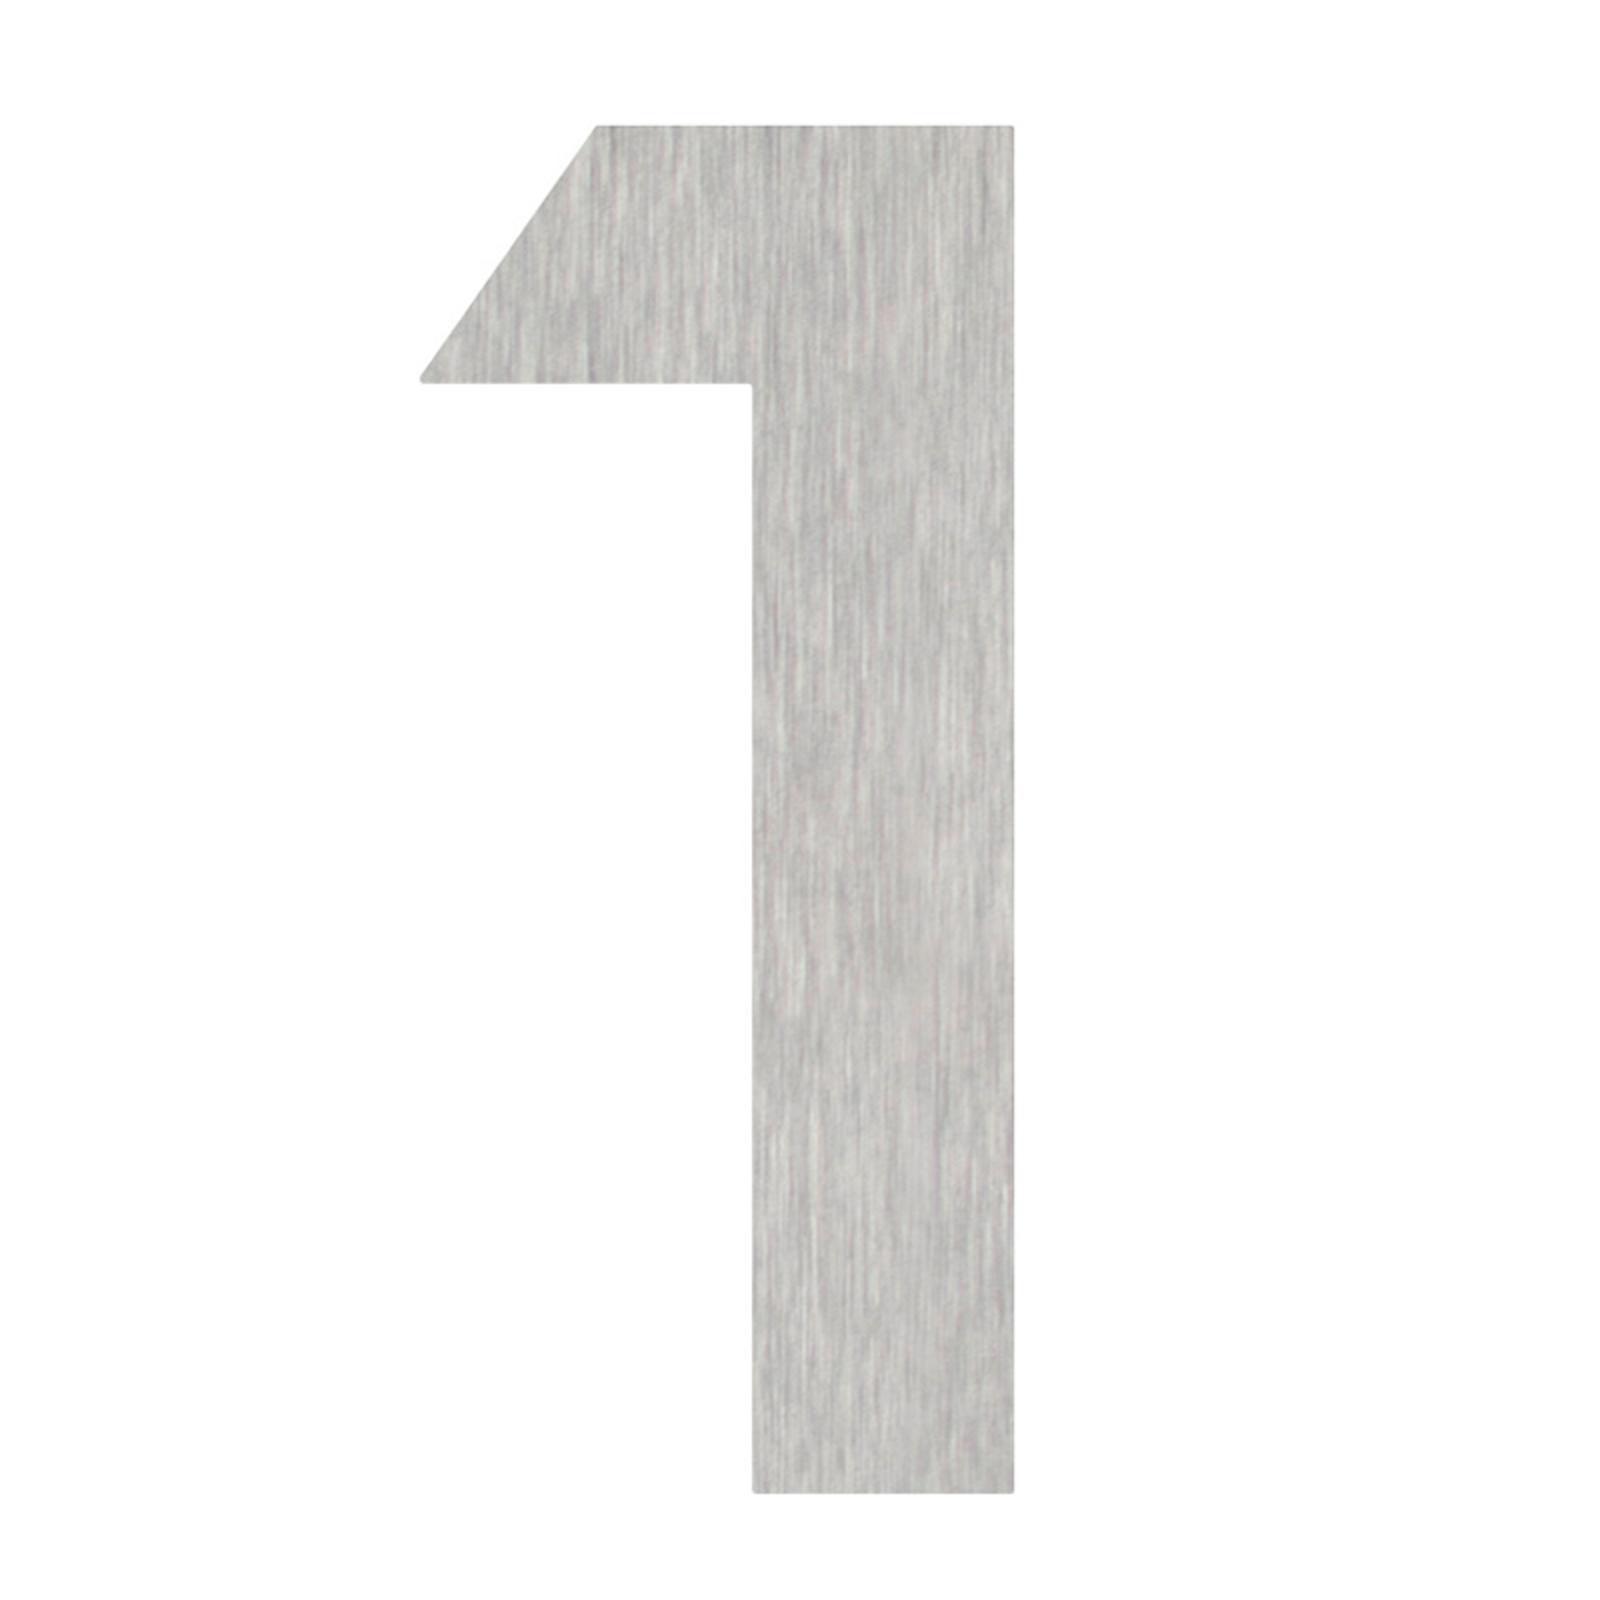 Produktové foto Heibi Domovní čísla číslice 1